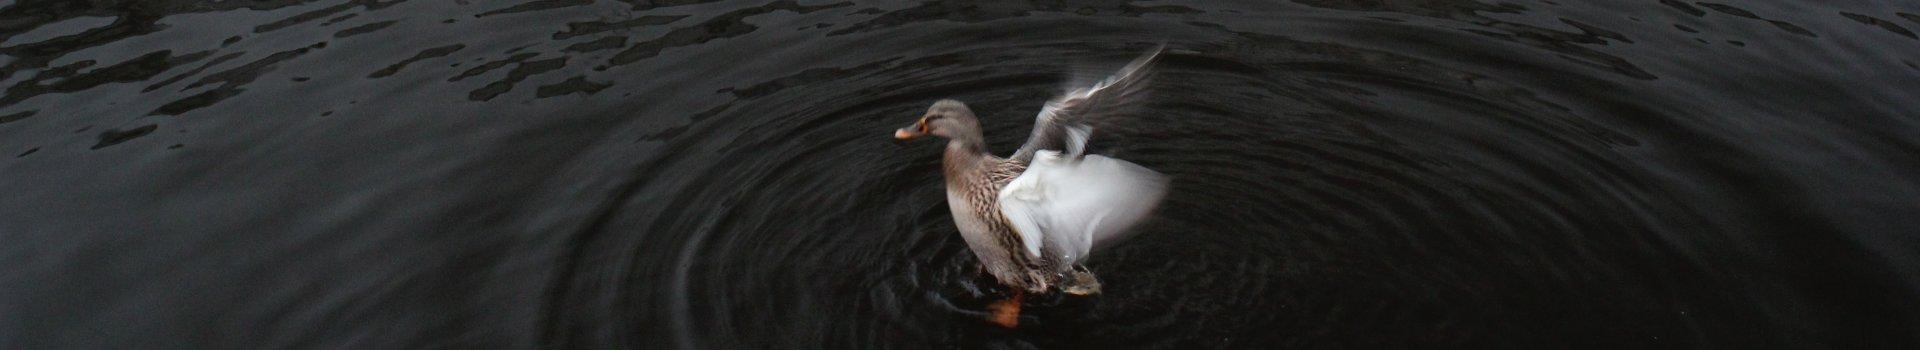 duck-c2